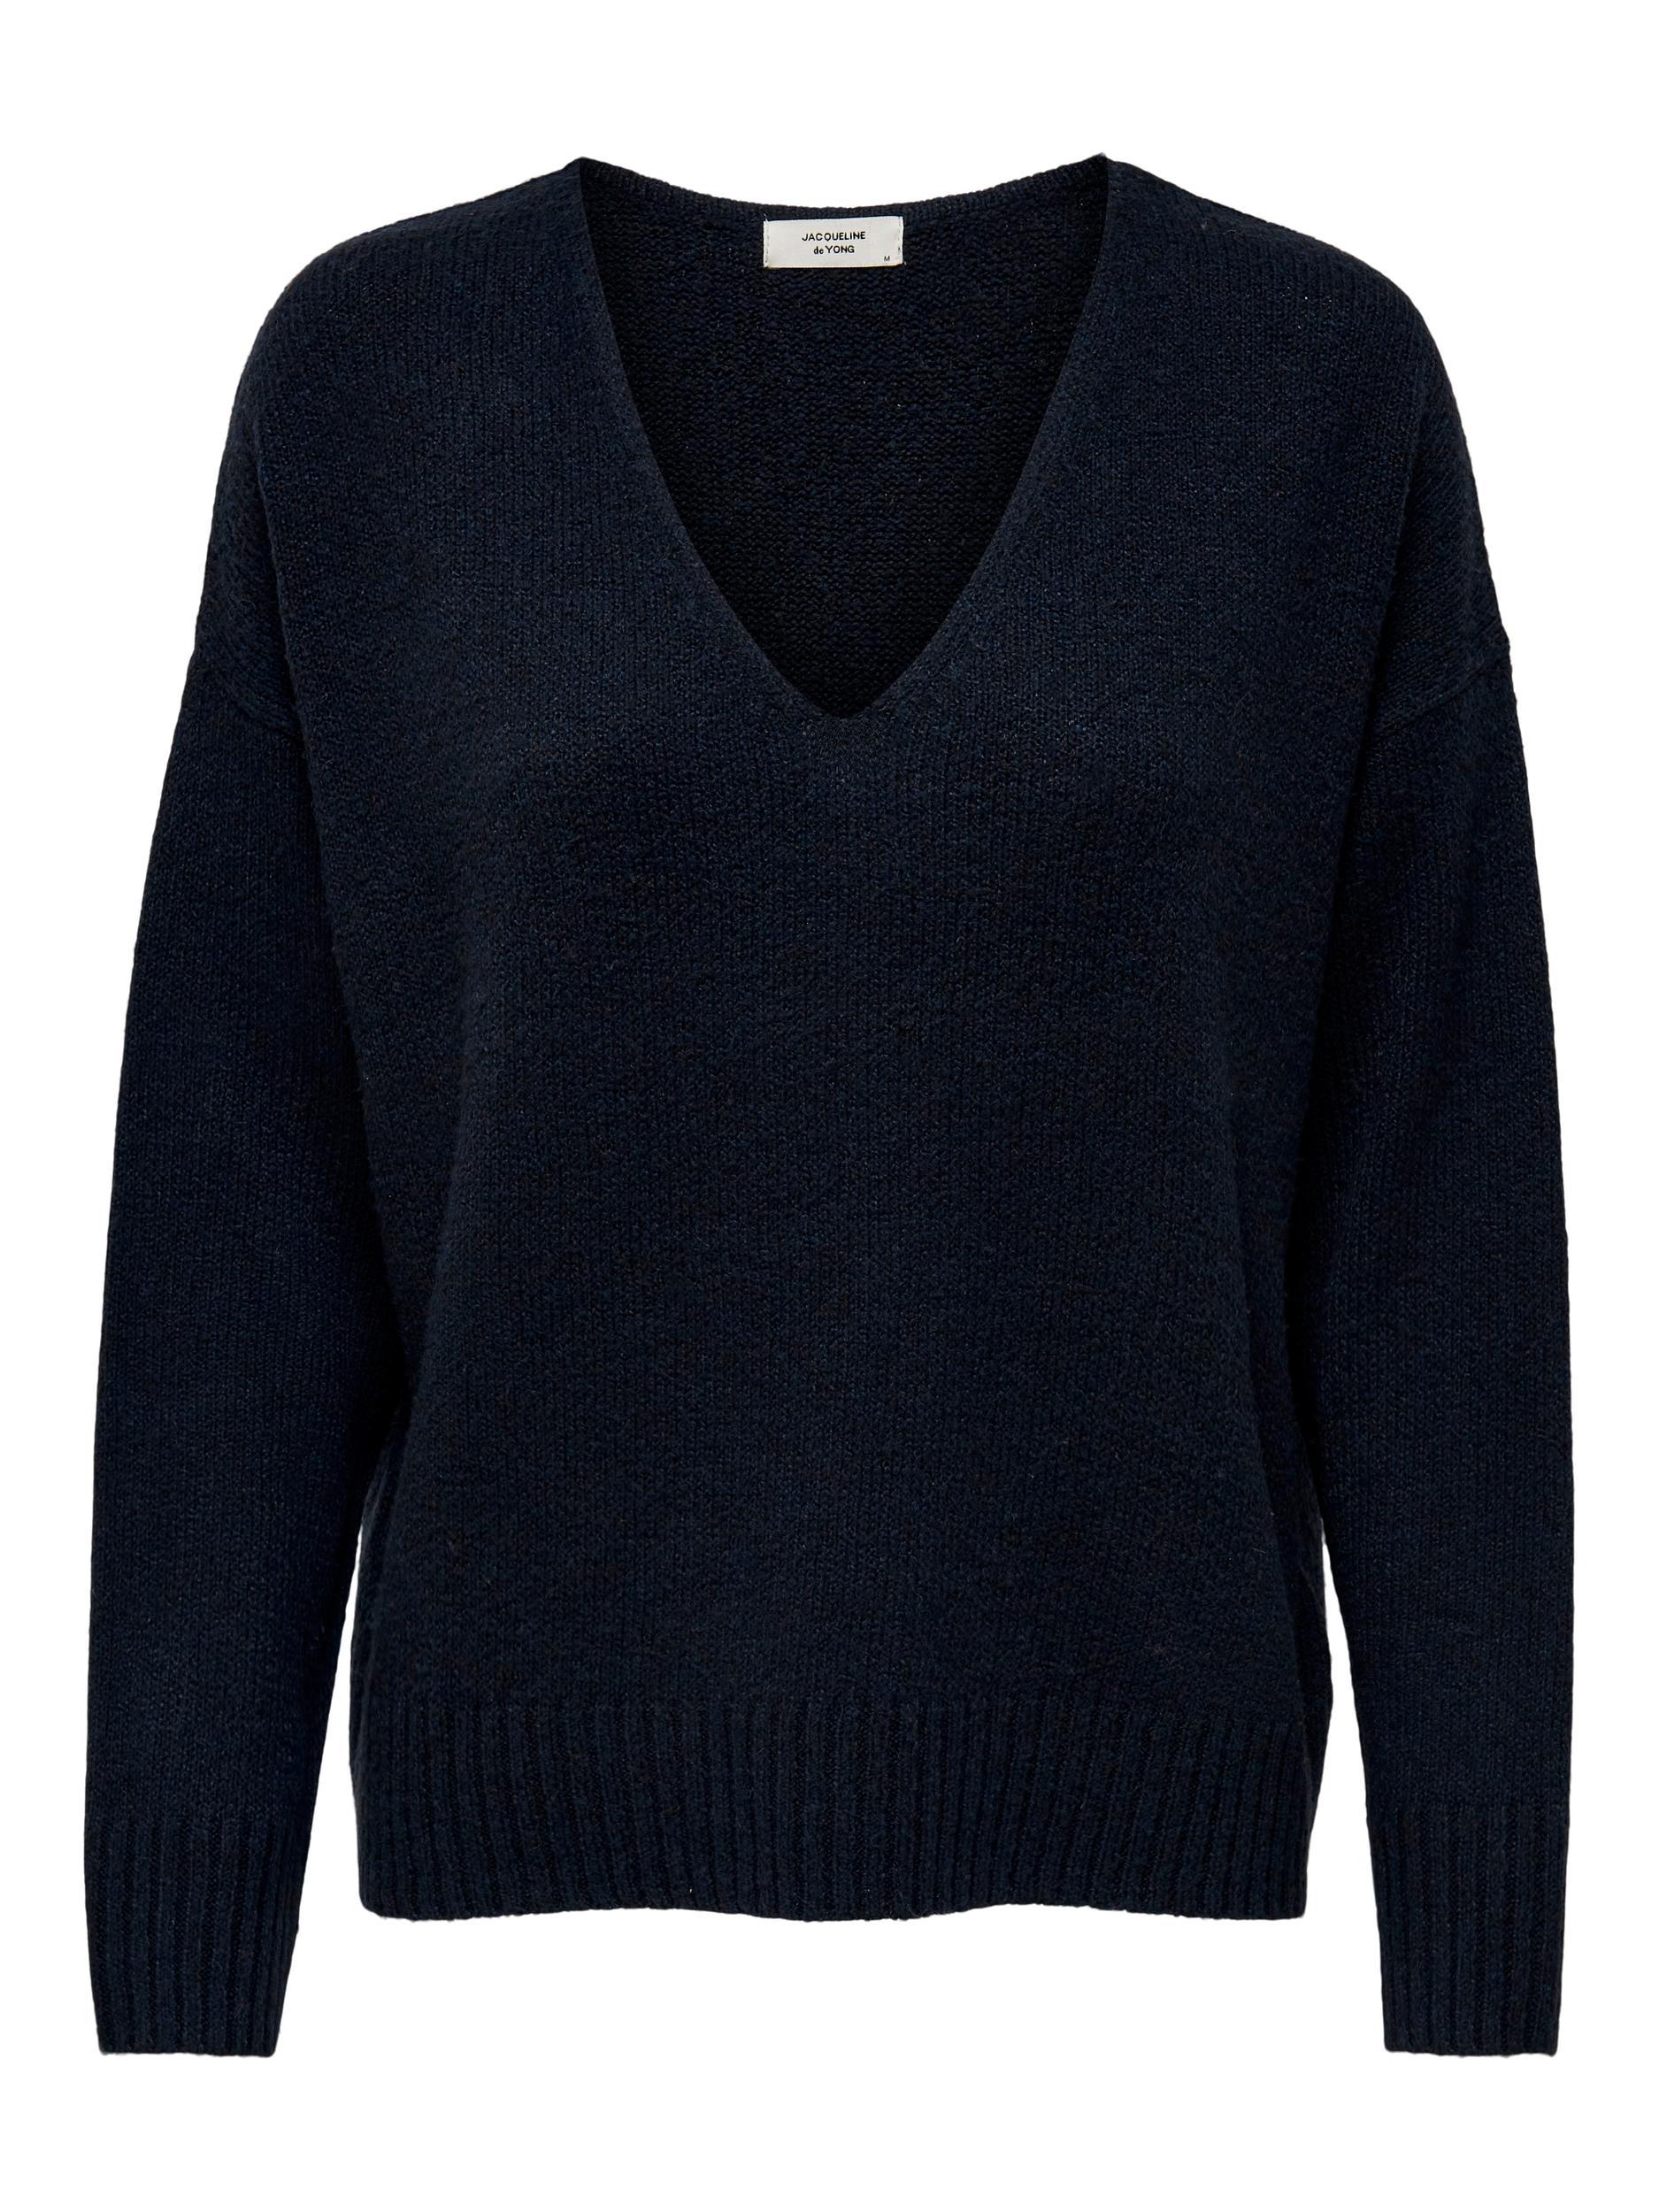 Jacqueline de Yong Gitta sweater